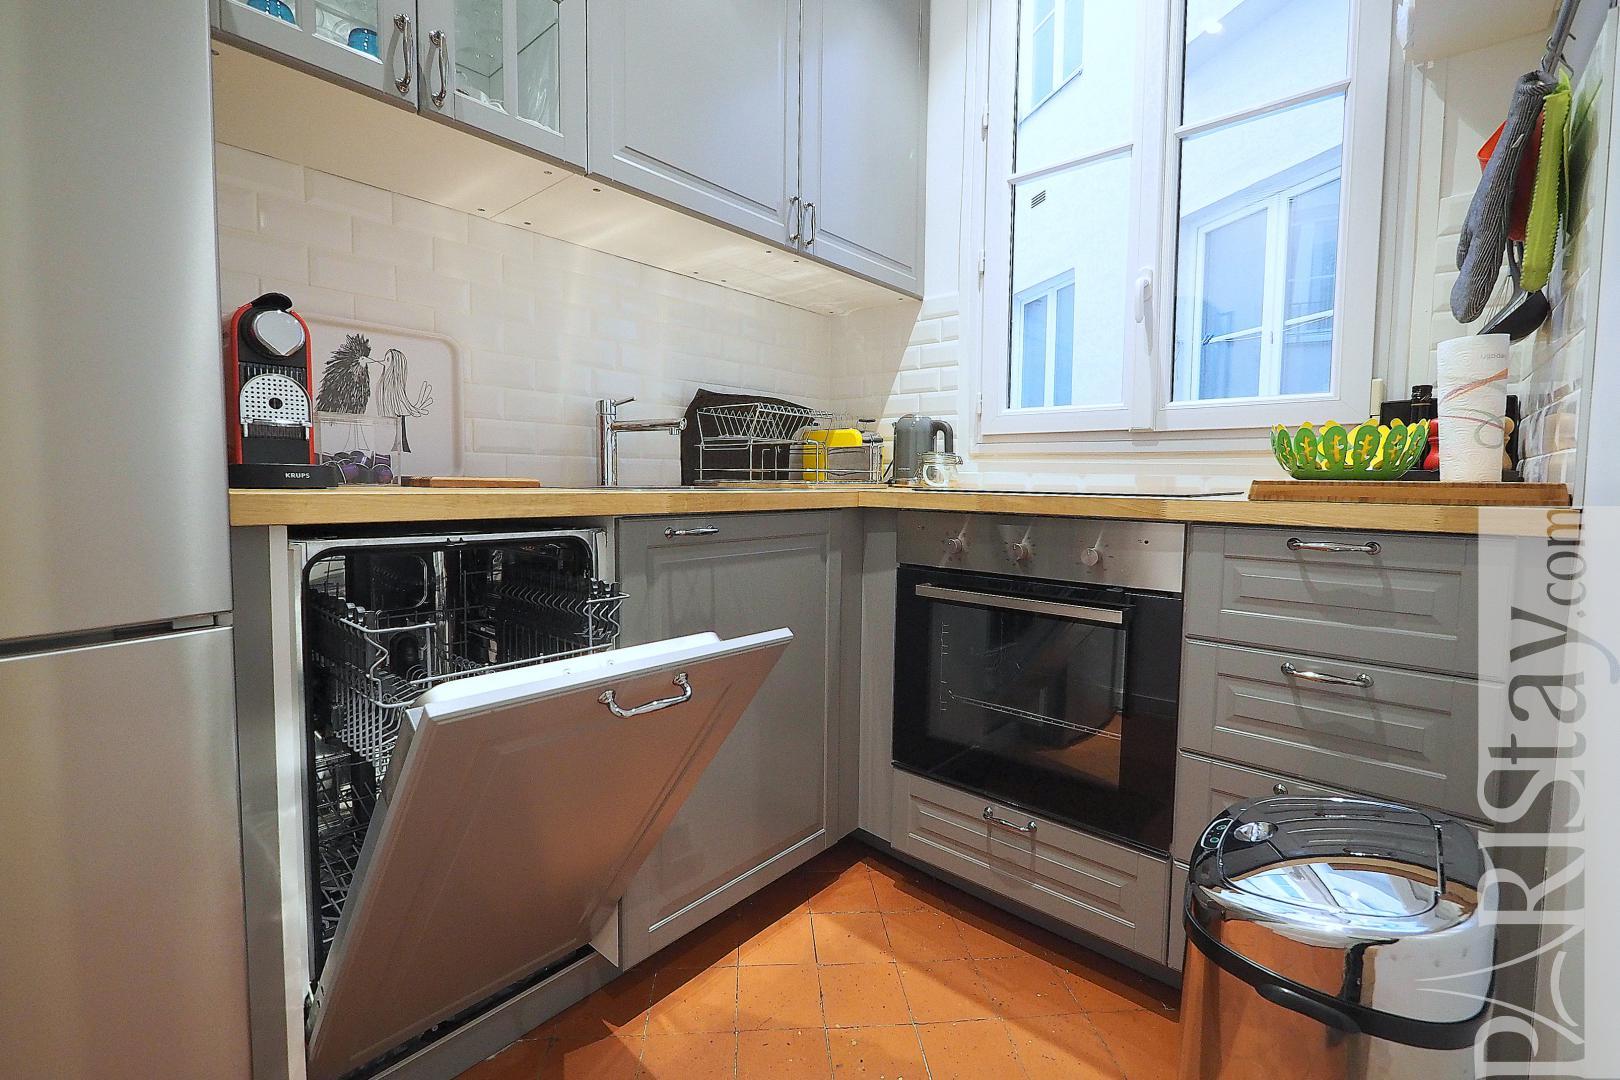 Location appartement meuble paris passy trocadero for Meubles concept paris